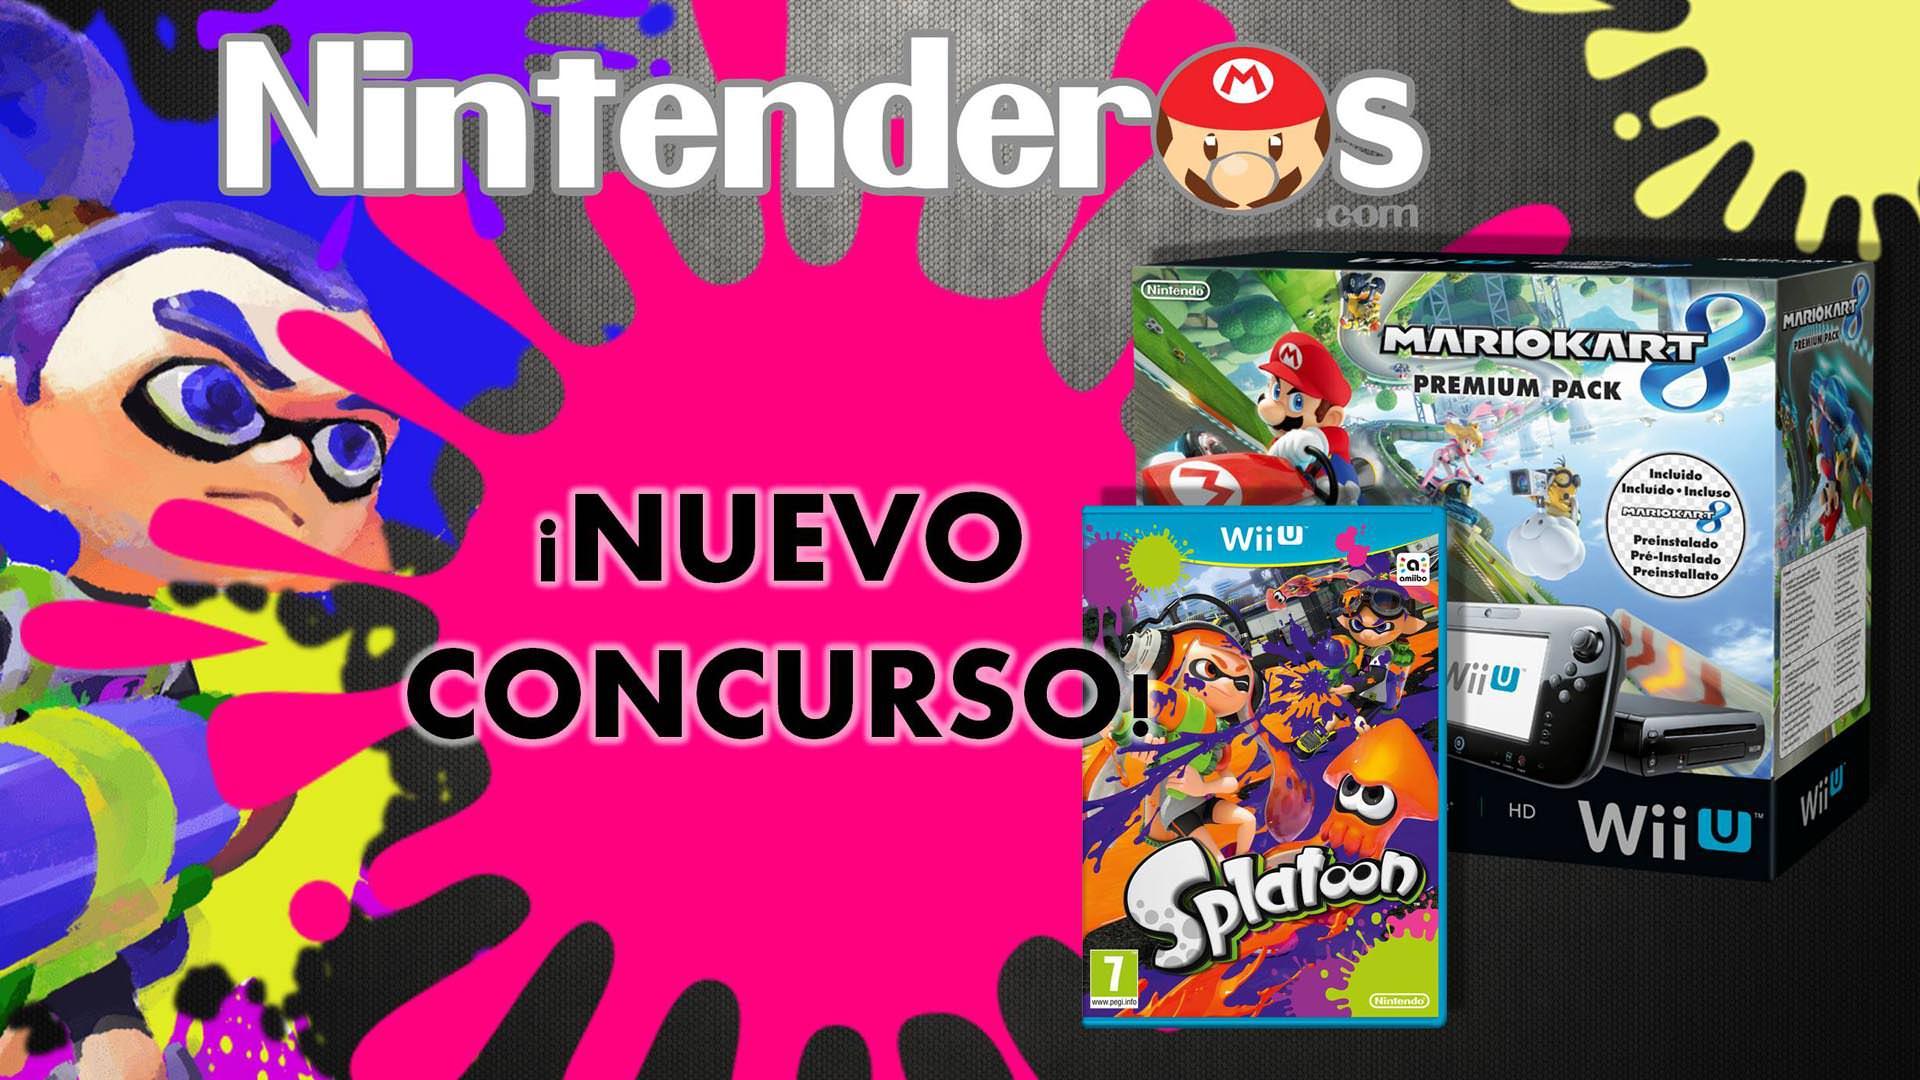 ¡Gana un Pack Premium de Wii U con 'Mario Kart 8' + 'Splatoon'!